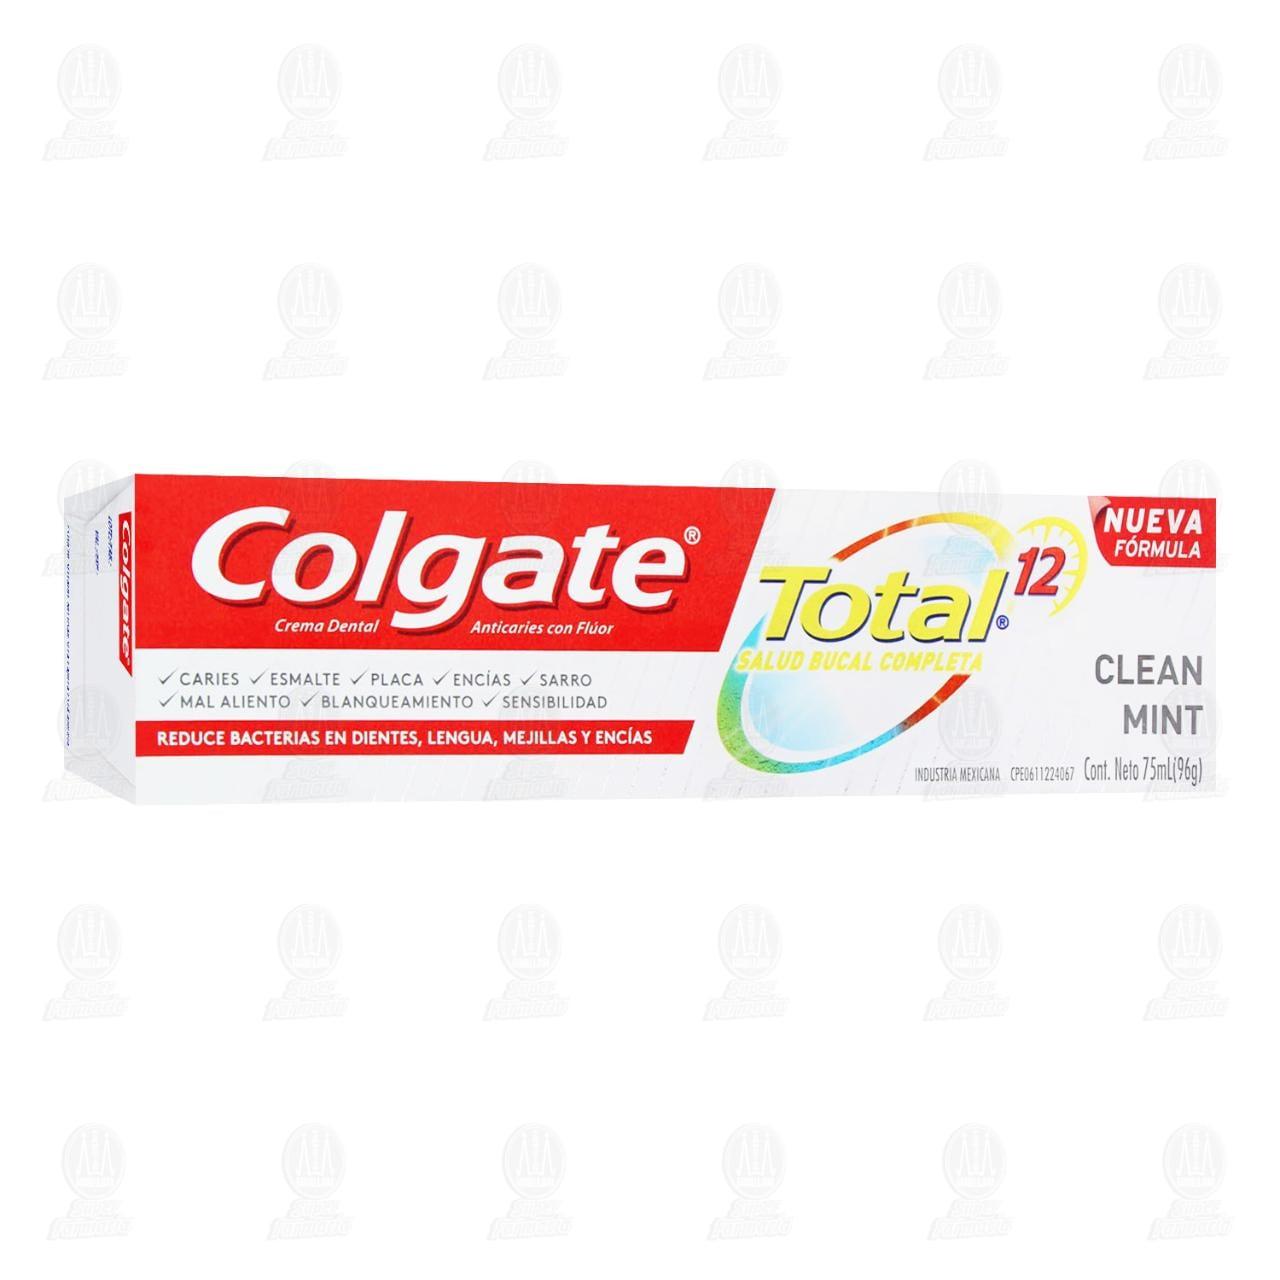 Comprar Pasta Dental Colgate Total 12 Clean Mint, 75 ml. en Farmacias Guadalajara